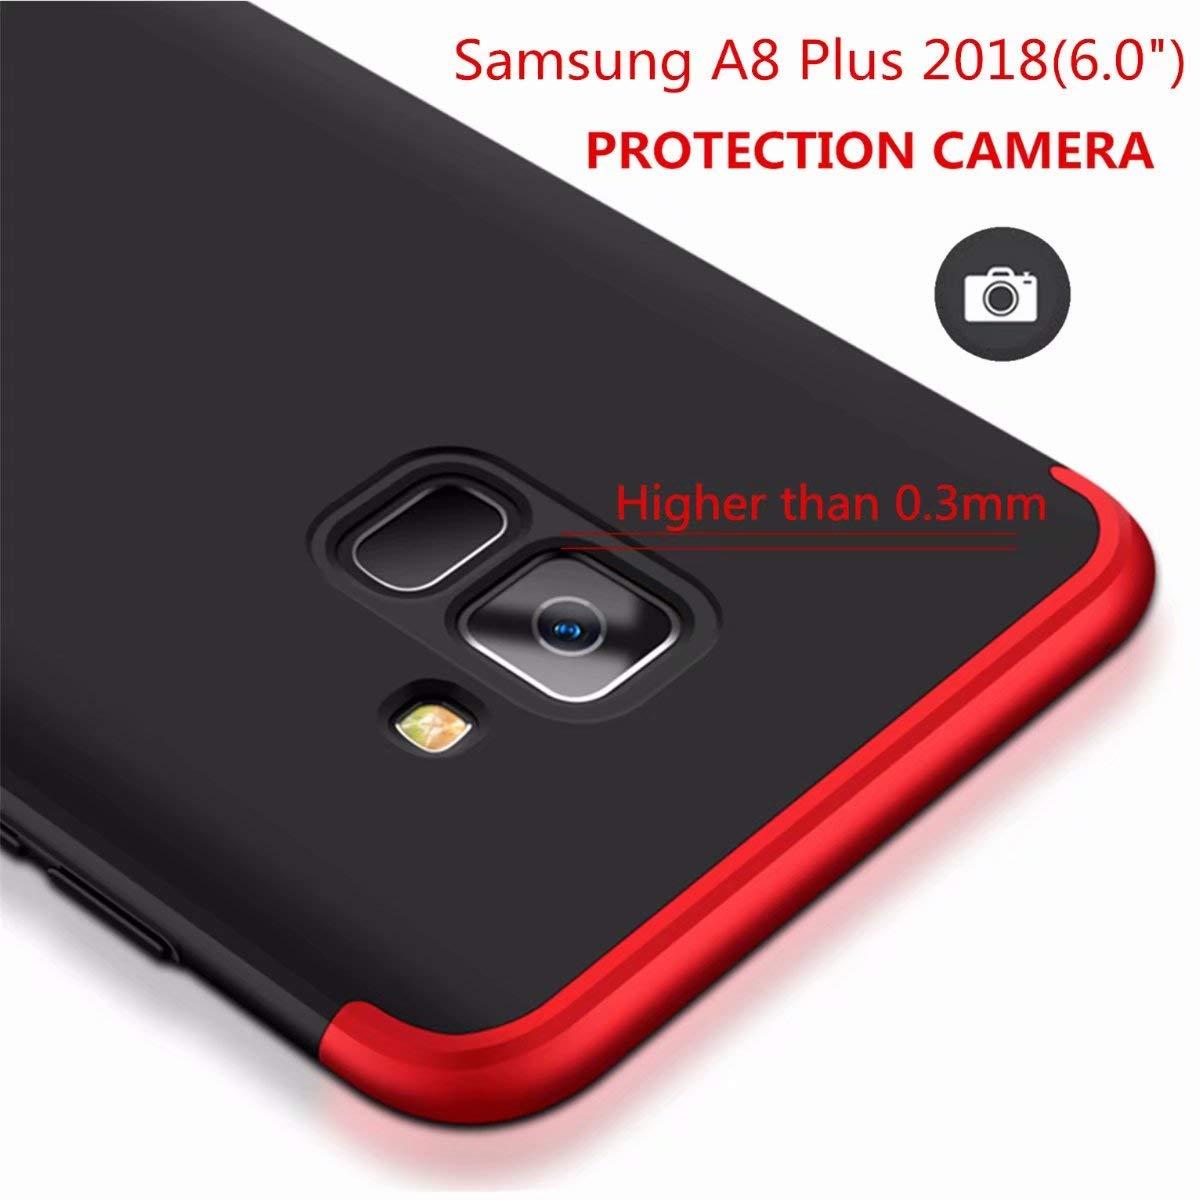 Plata Negro AILZH Compatibles para Funda Samsung Galaxy A8 2018 Carcasa+ Cristal Templado 360 Grados Caja protecci/ón de c/áscara Dura Anti-Choque Anti-rasgu/ño Caso Mate Bumper Anti-Shock Case Cover